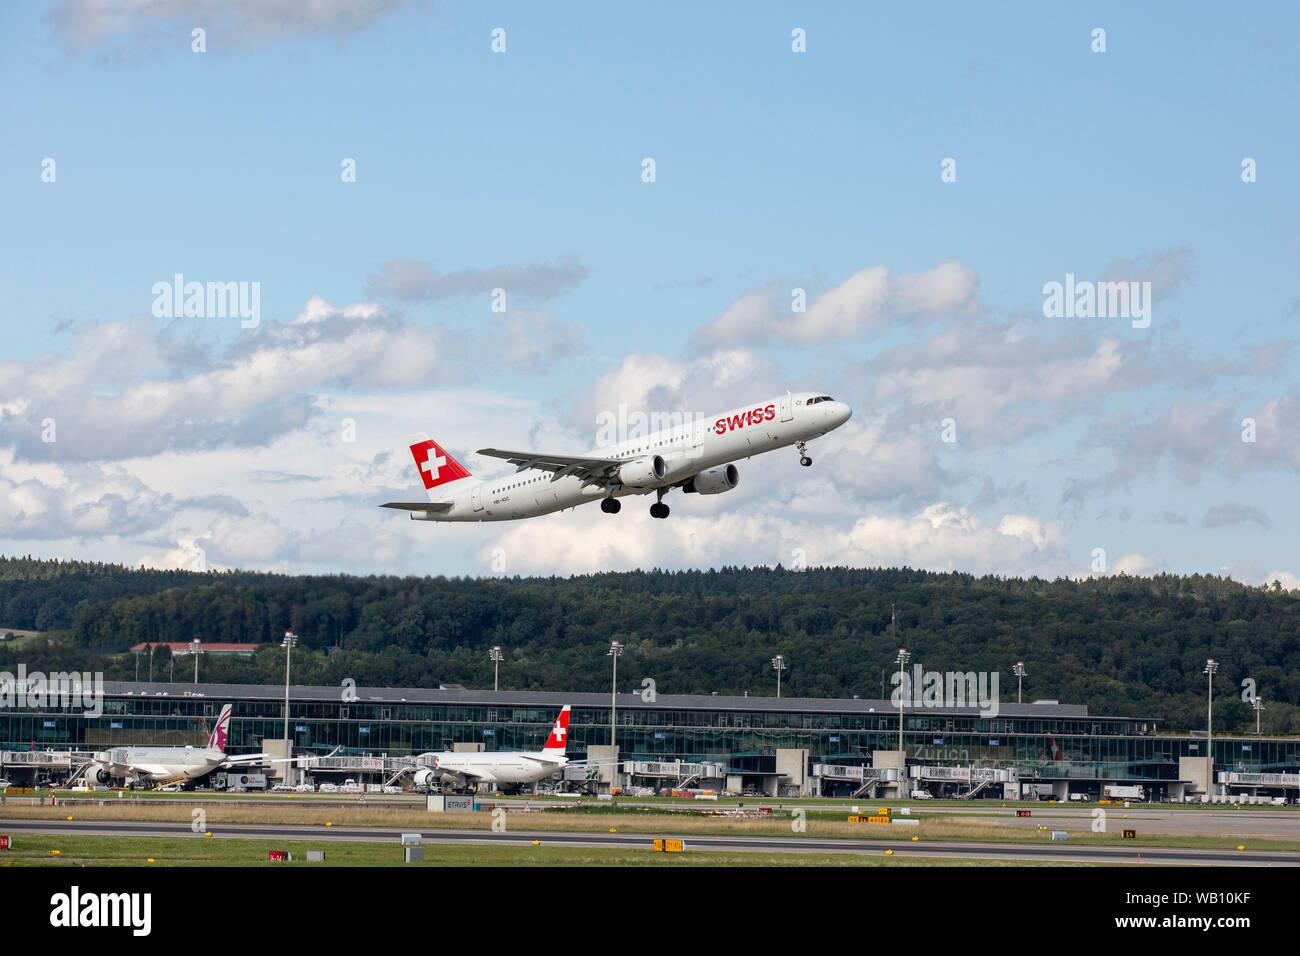 Airbus A321-111, Reg: HB-IOC beim Abflug vom Flughafen Zürich (ZRH). 15.08.2019 Stock Photo